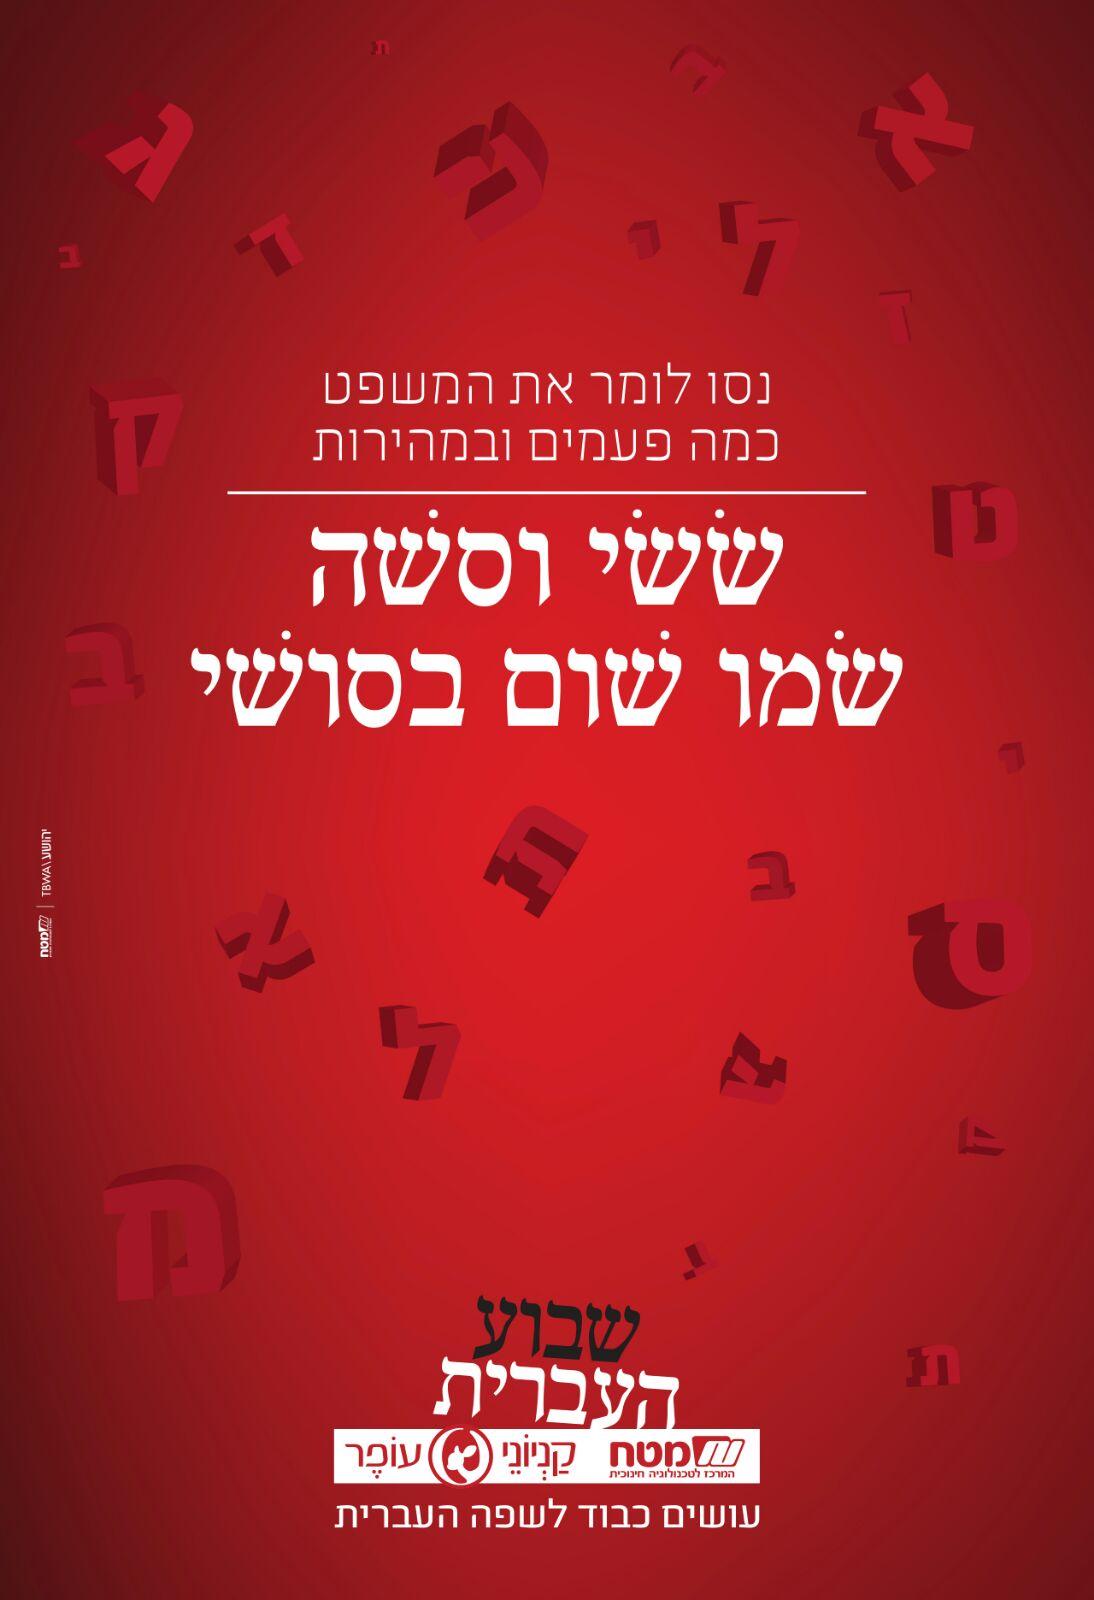 מסע פרסומי המציג את הצדדים המשעשעים של השפה העברית 6